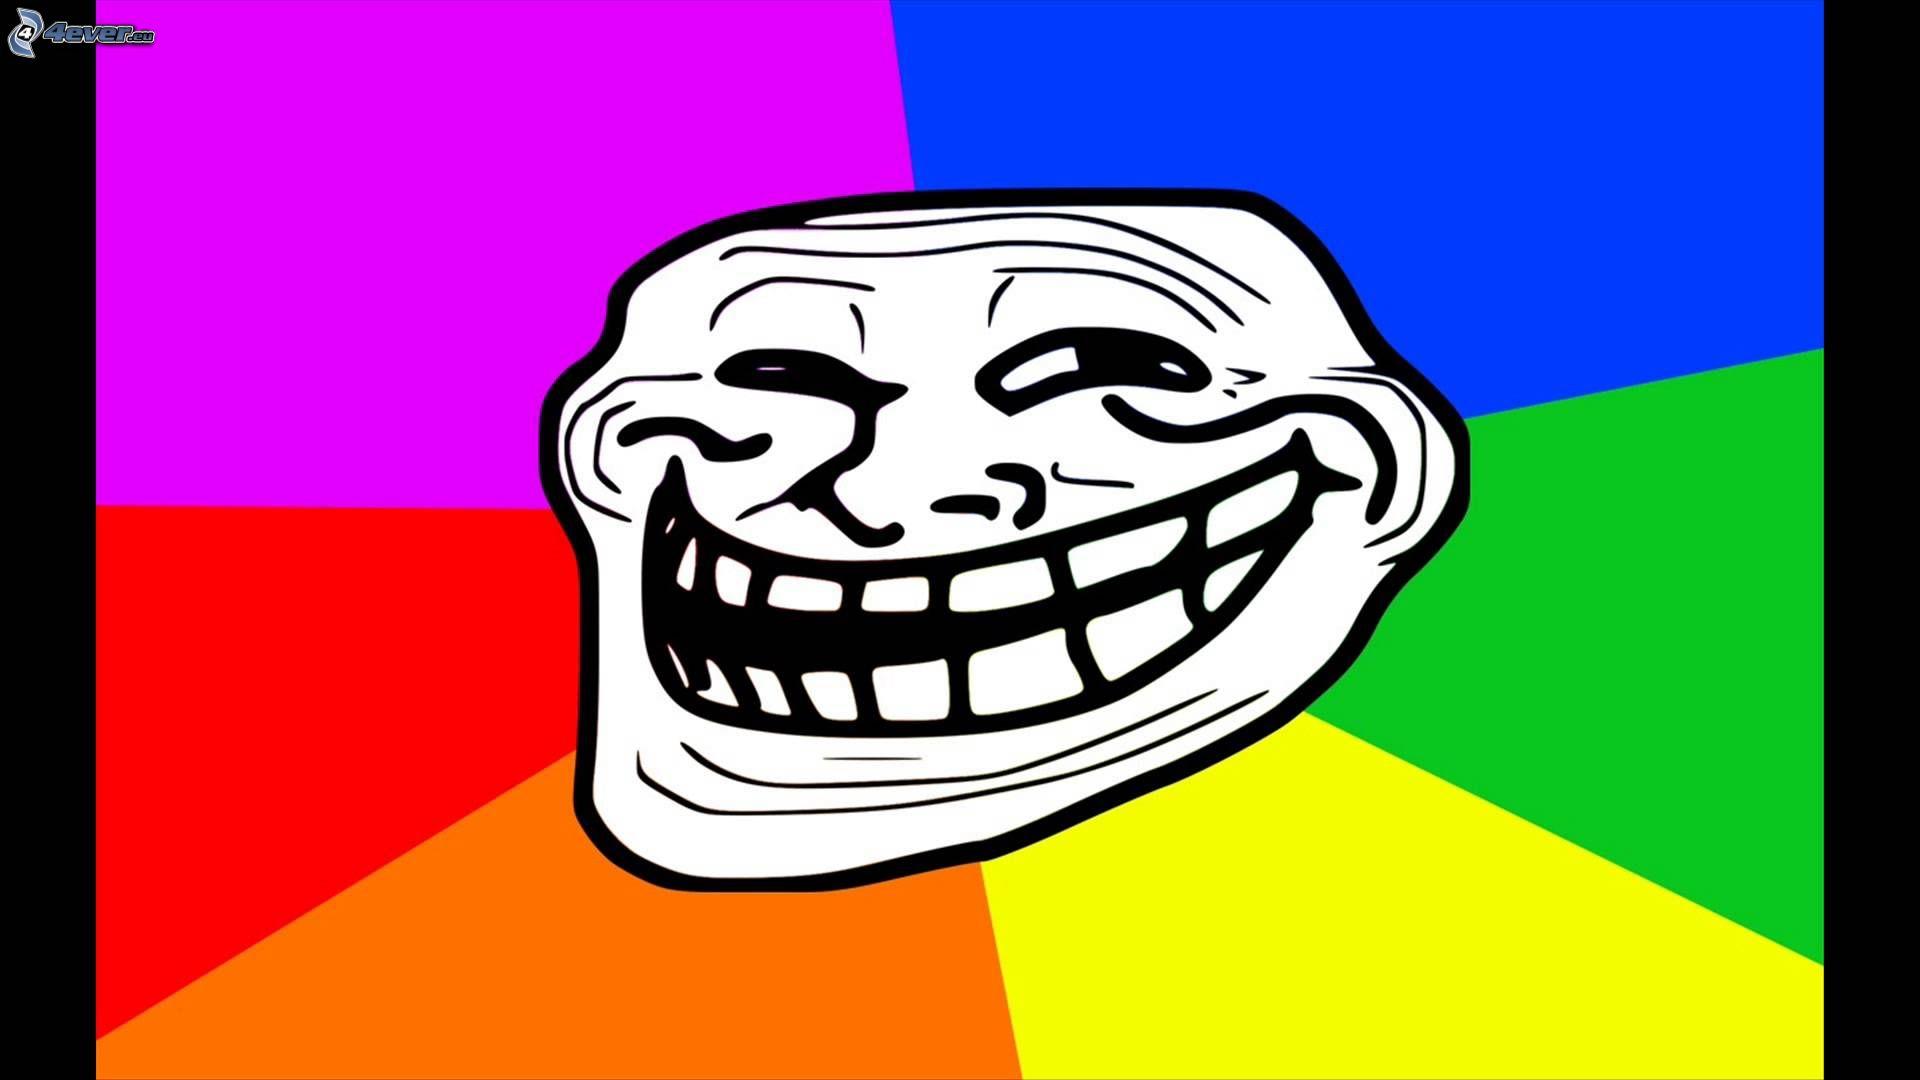 Dessins en couleurs à imprimer : Troll face, numéro : 2c743ee3